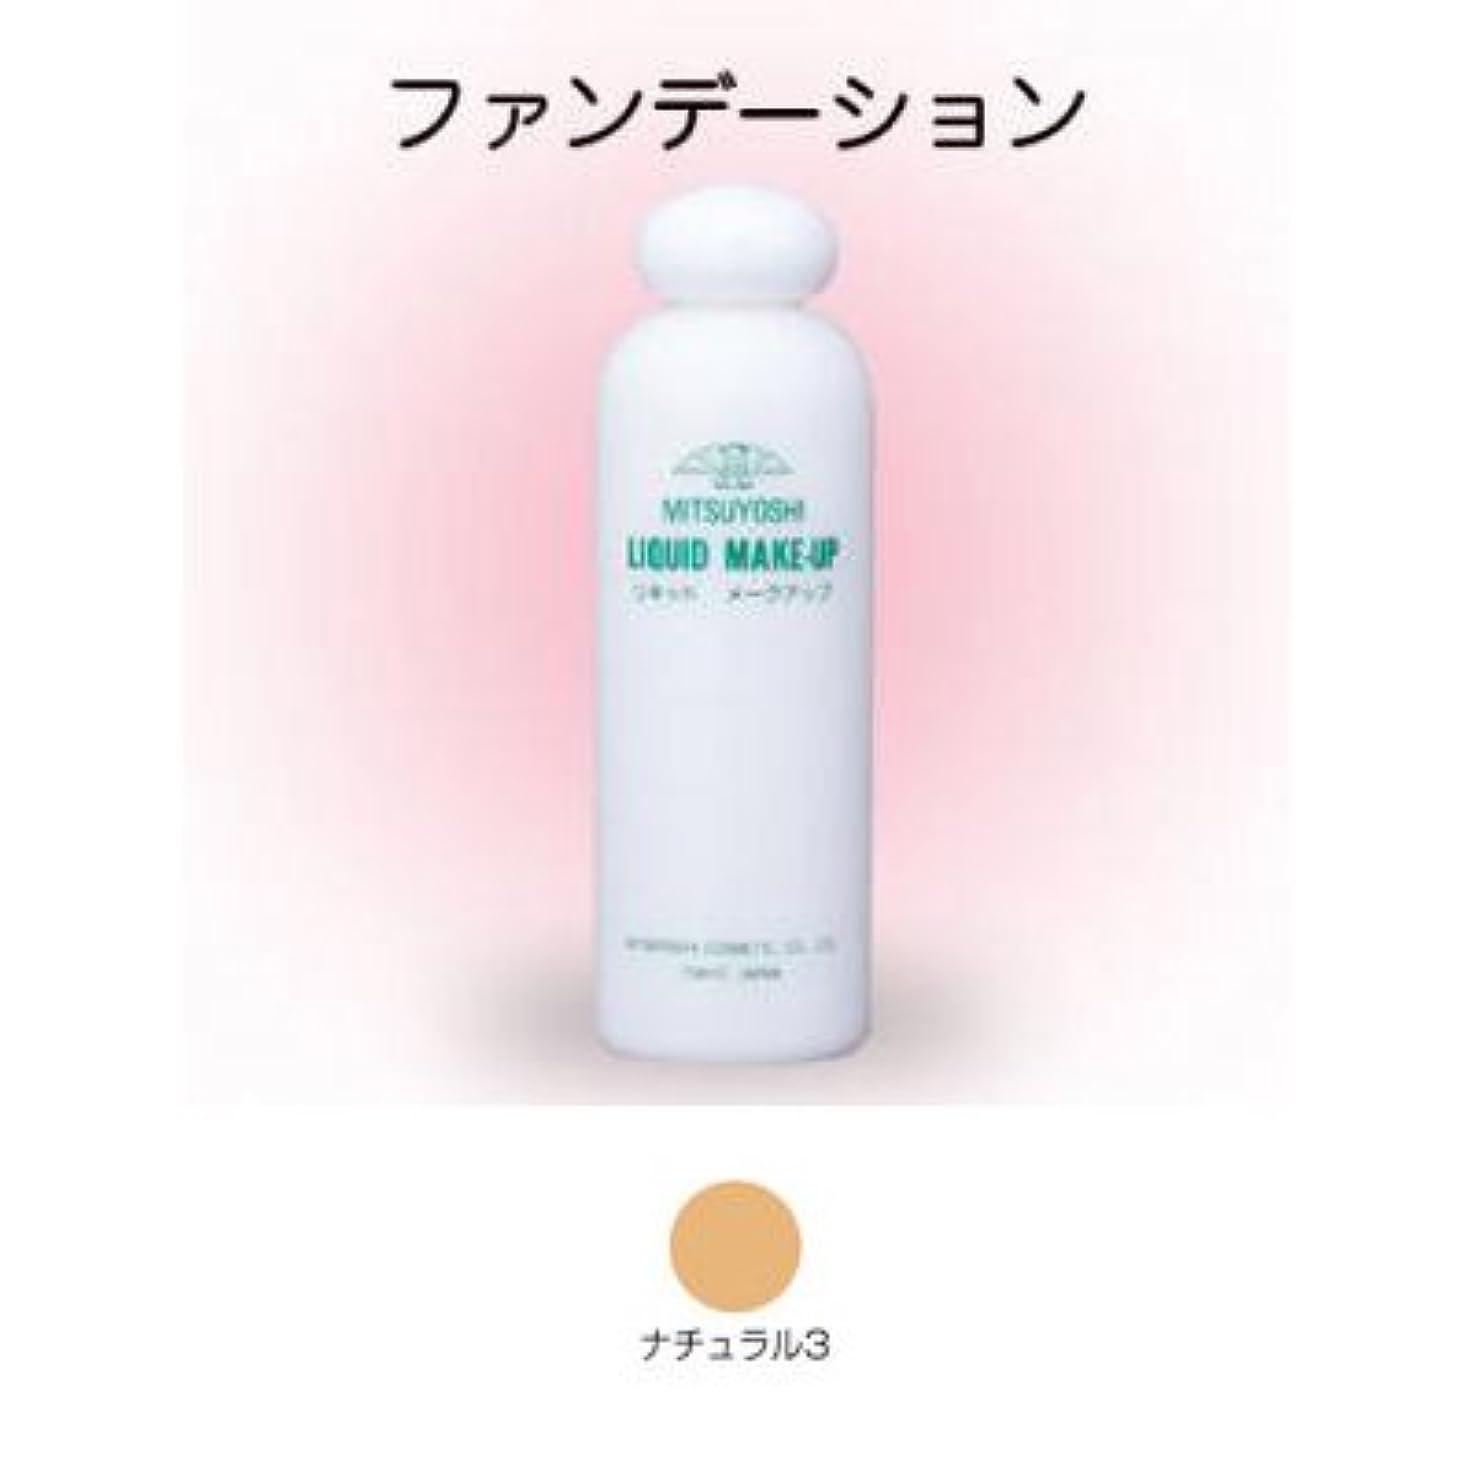 別に不運遮るリキッドメークアップ 200ml ナチュラル3 【三善】